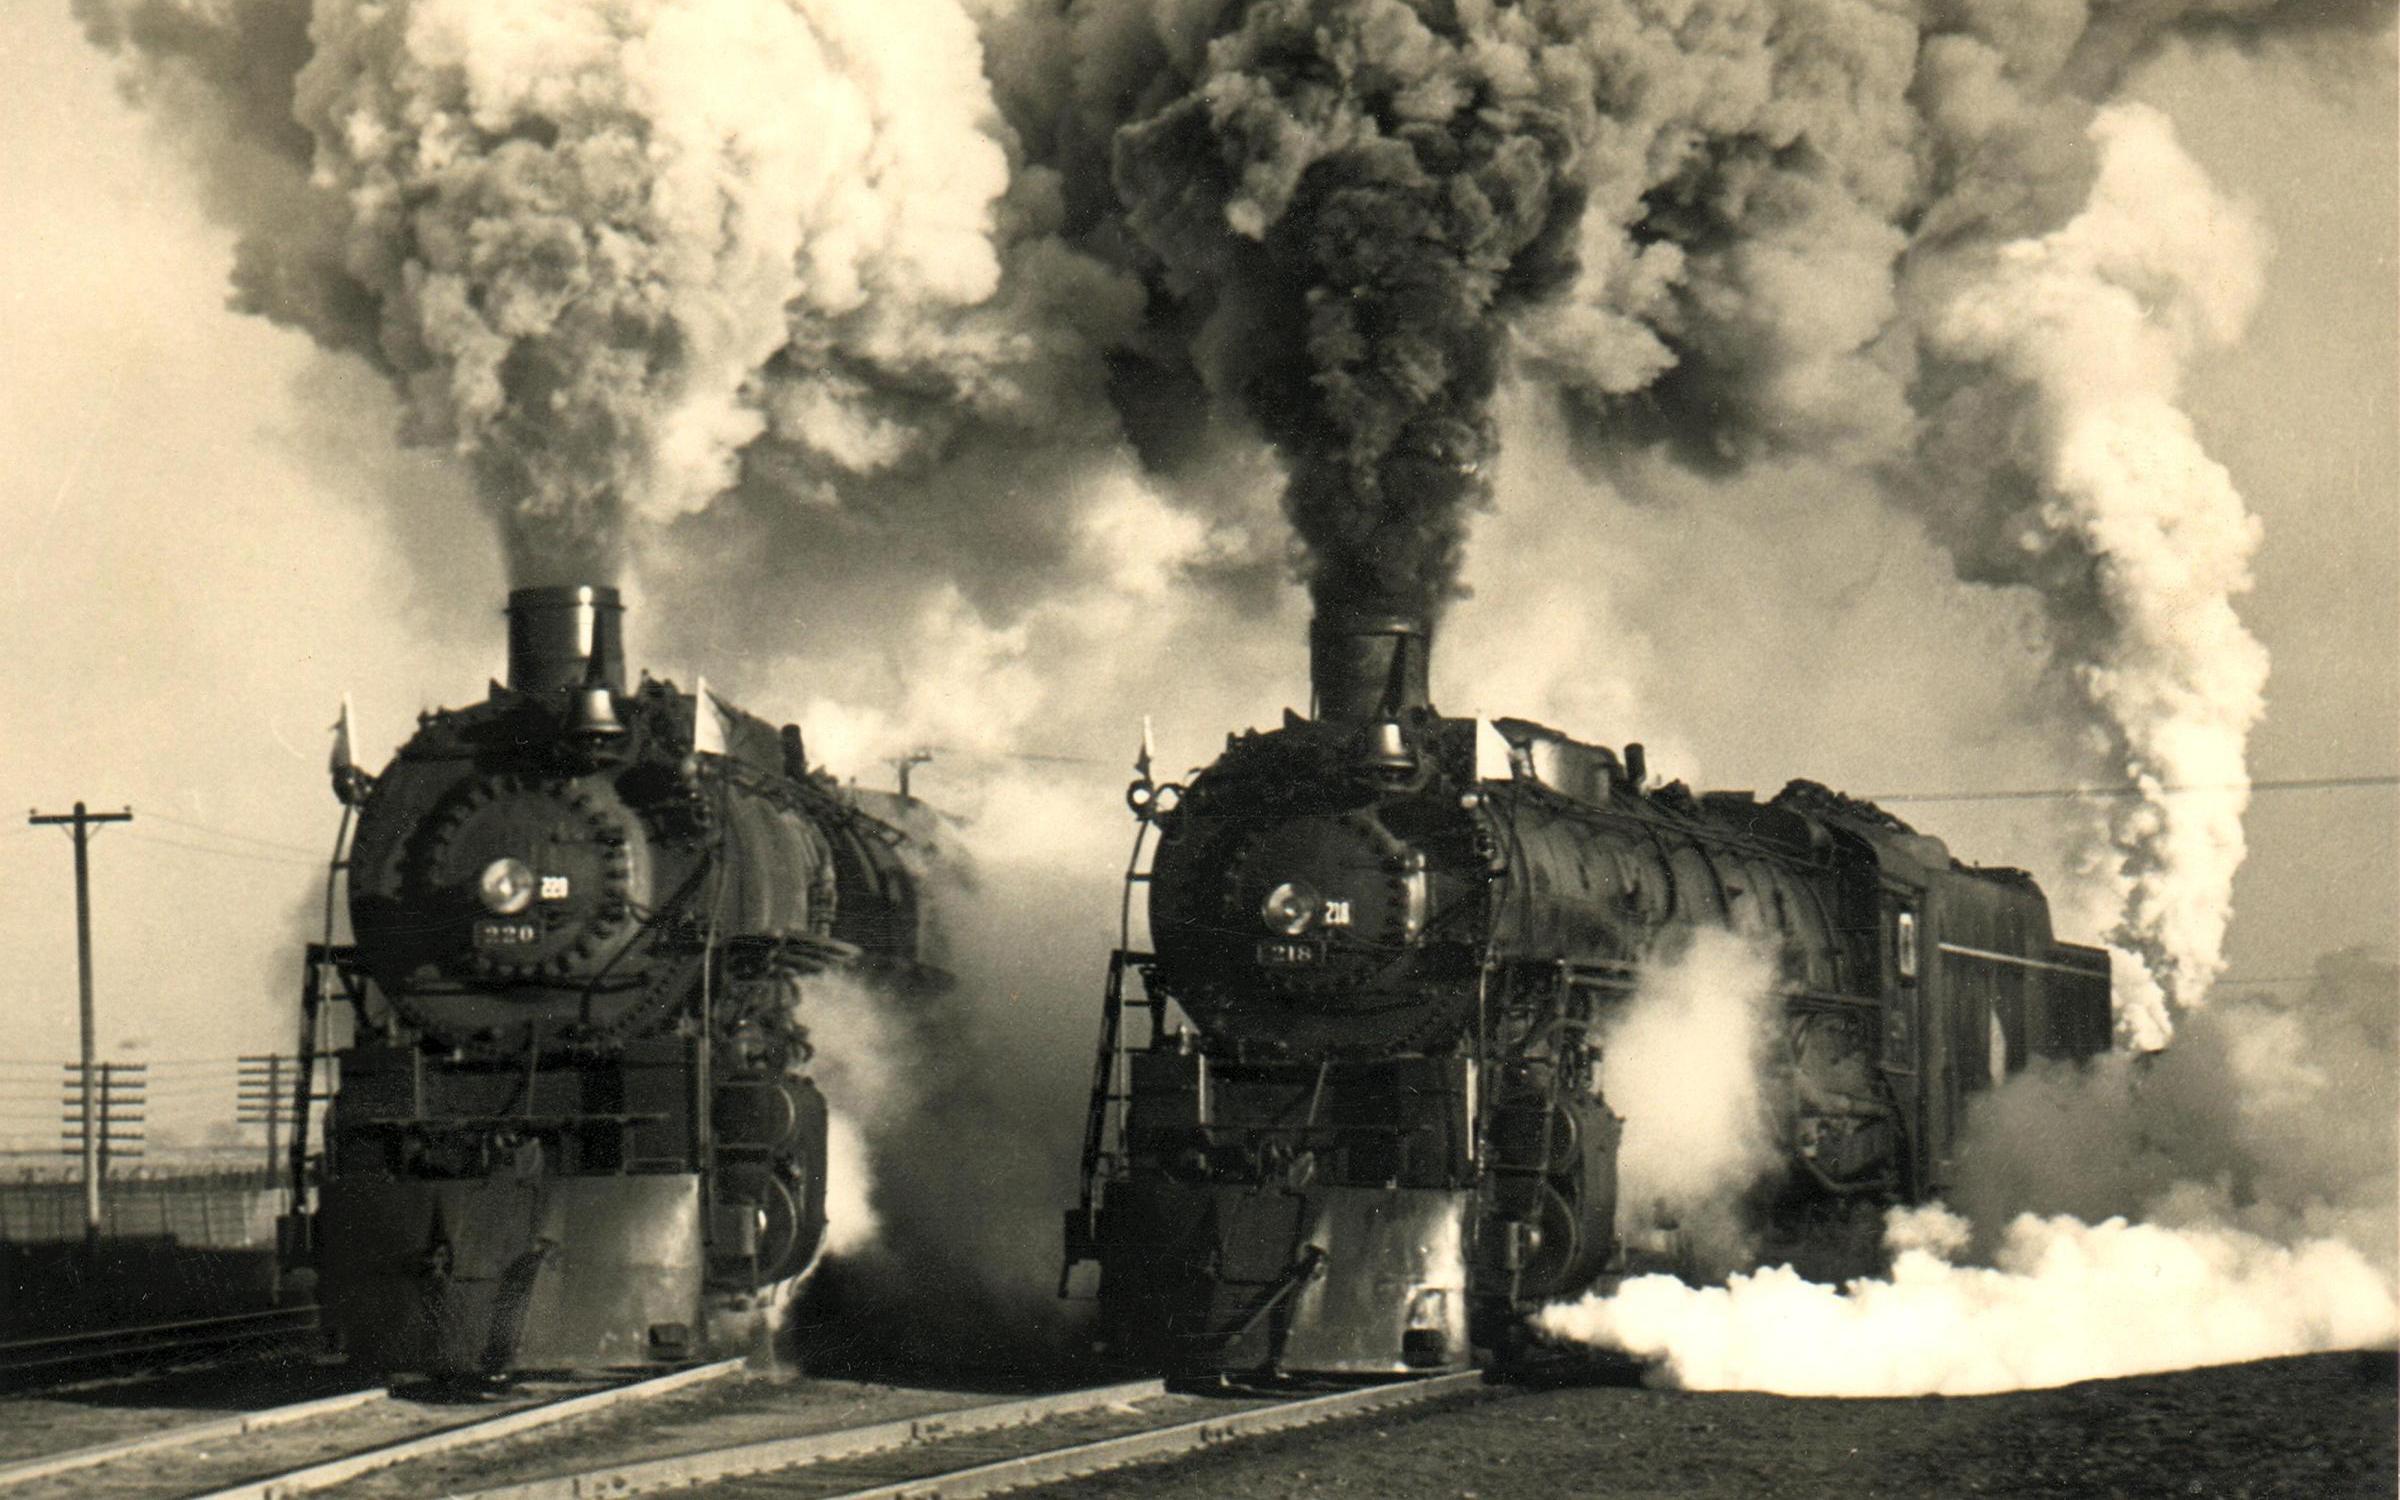 соответствующий фотографии старых паровозов металлические